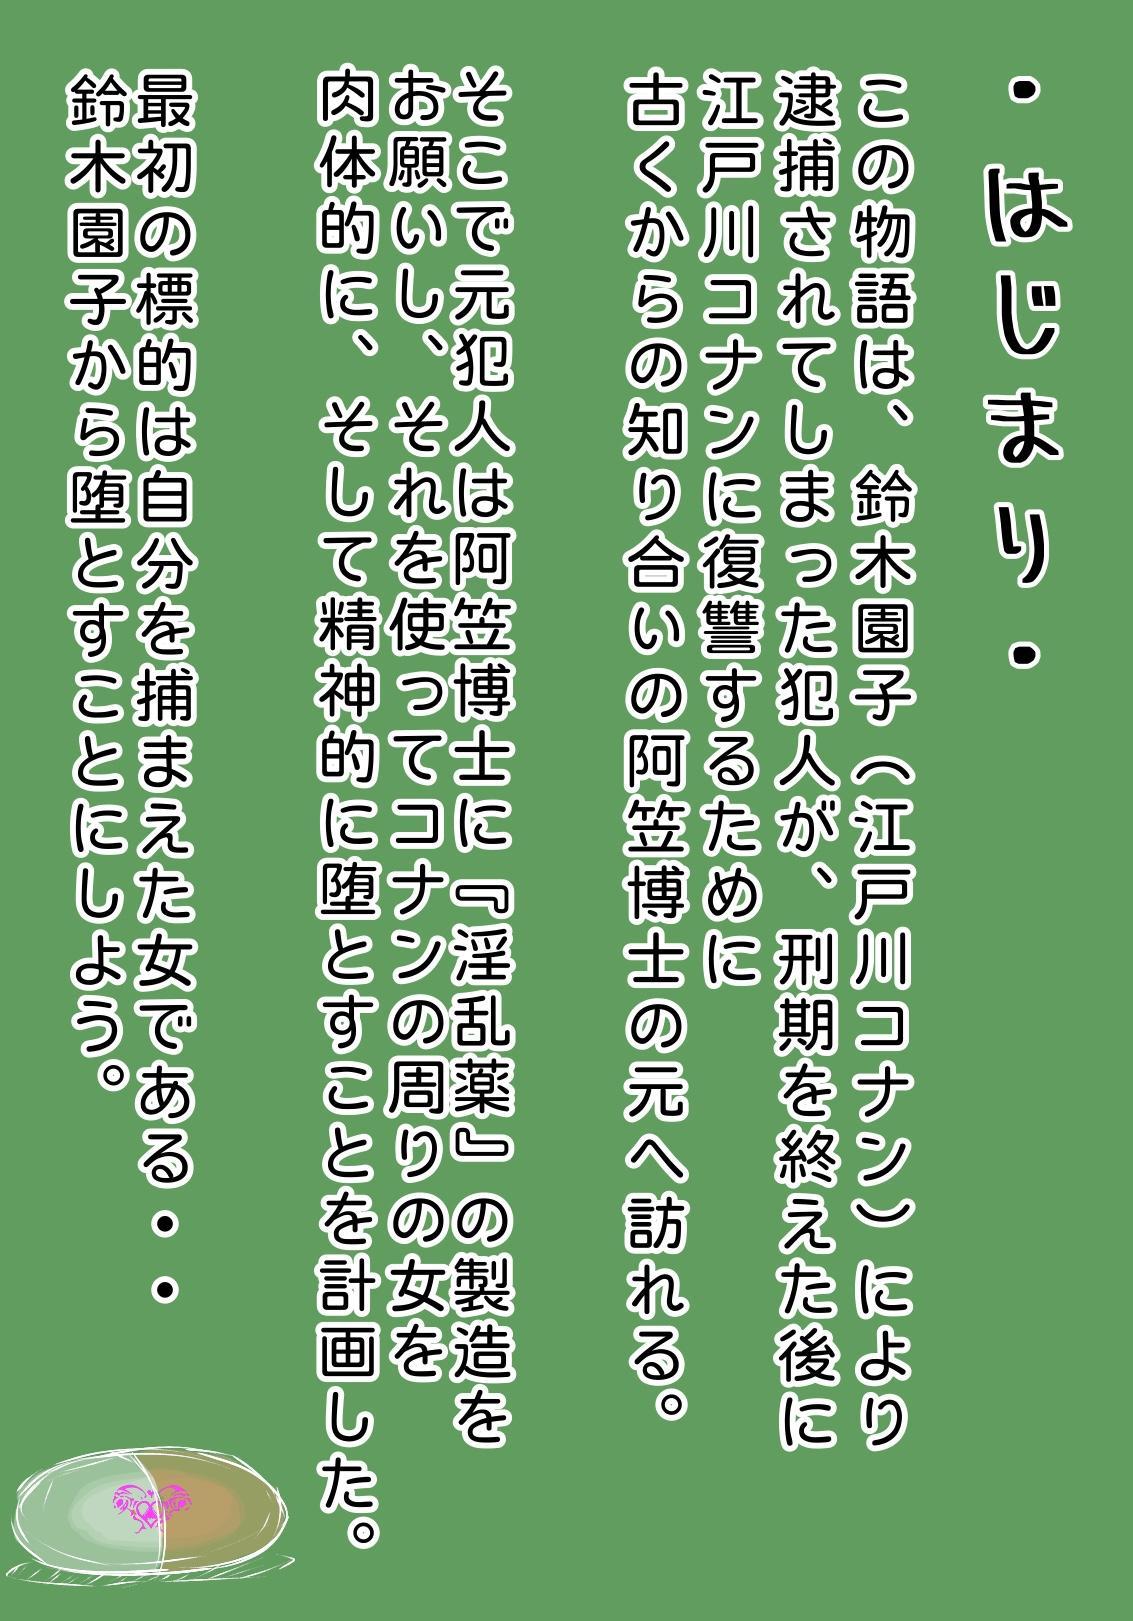 Conan NTR Series No. 1 2